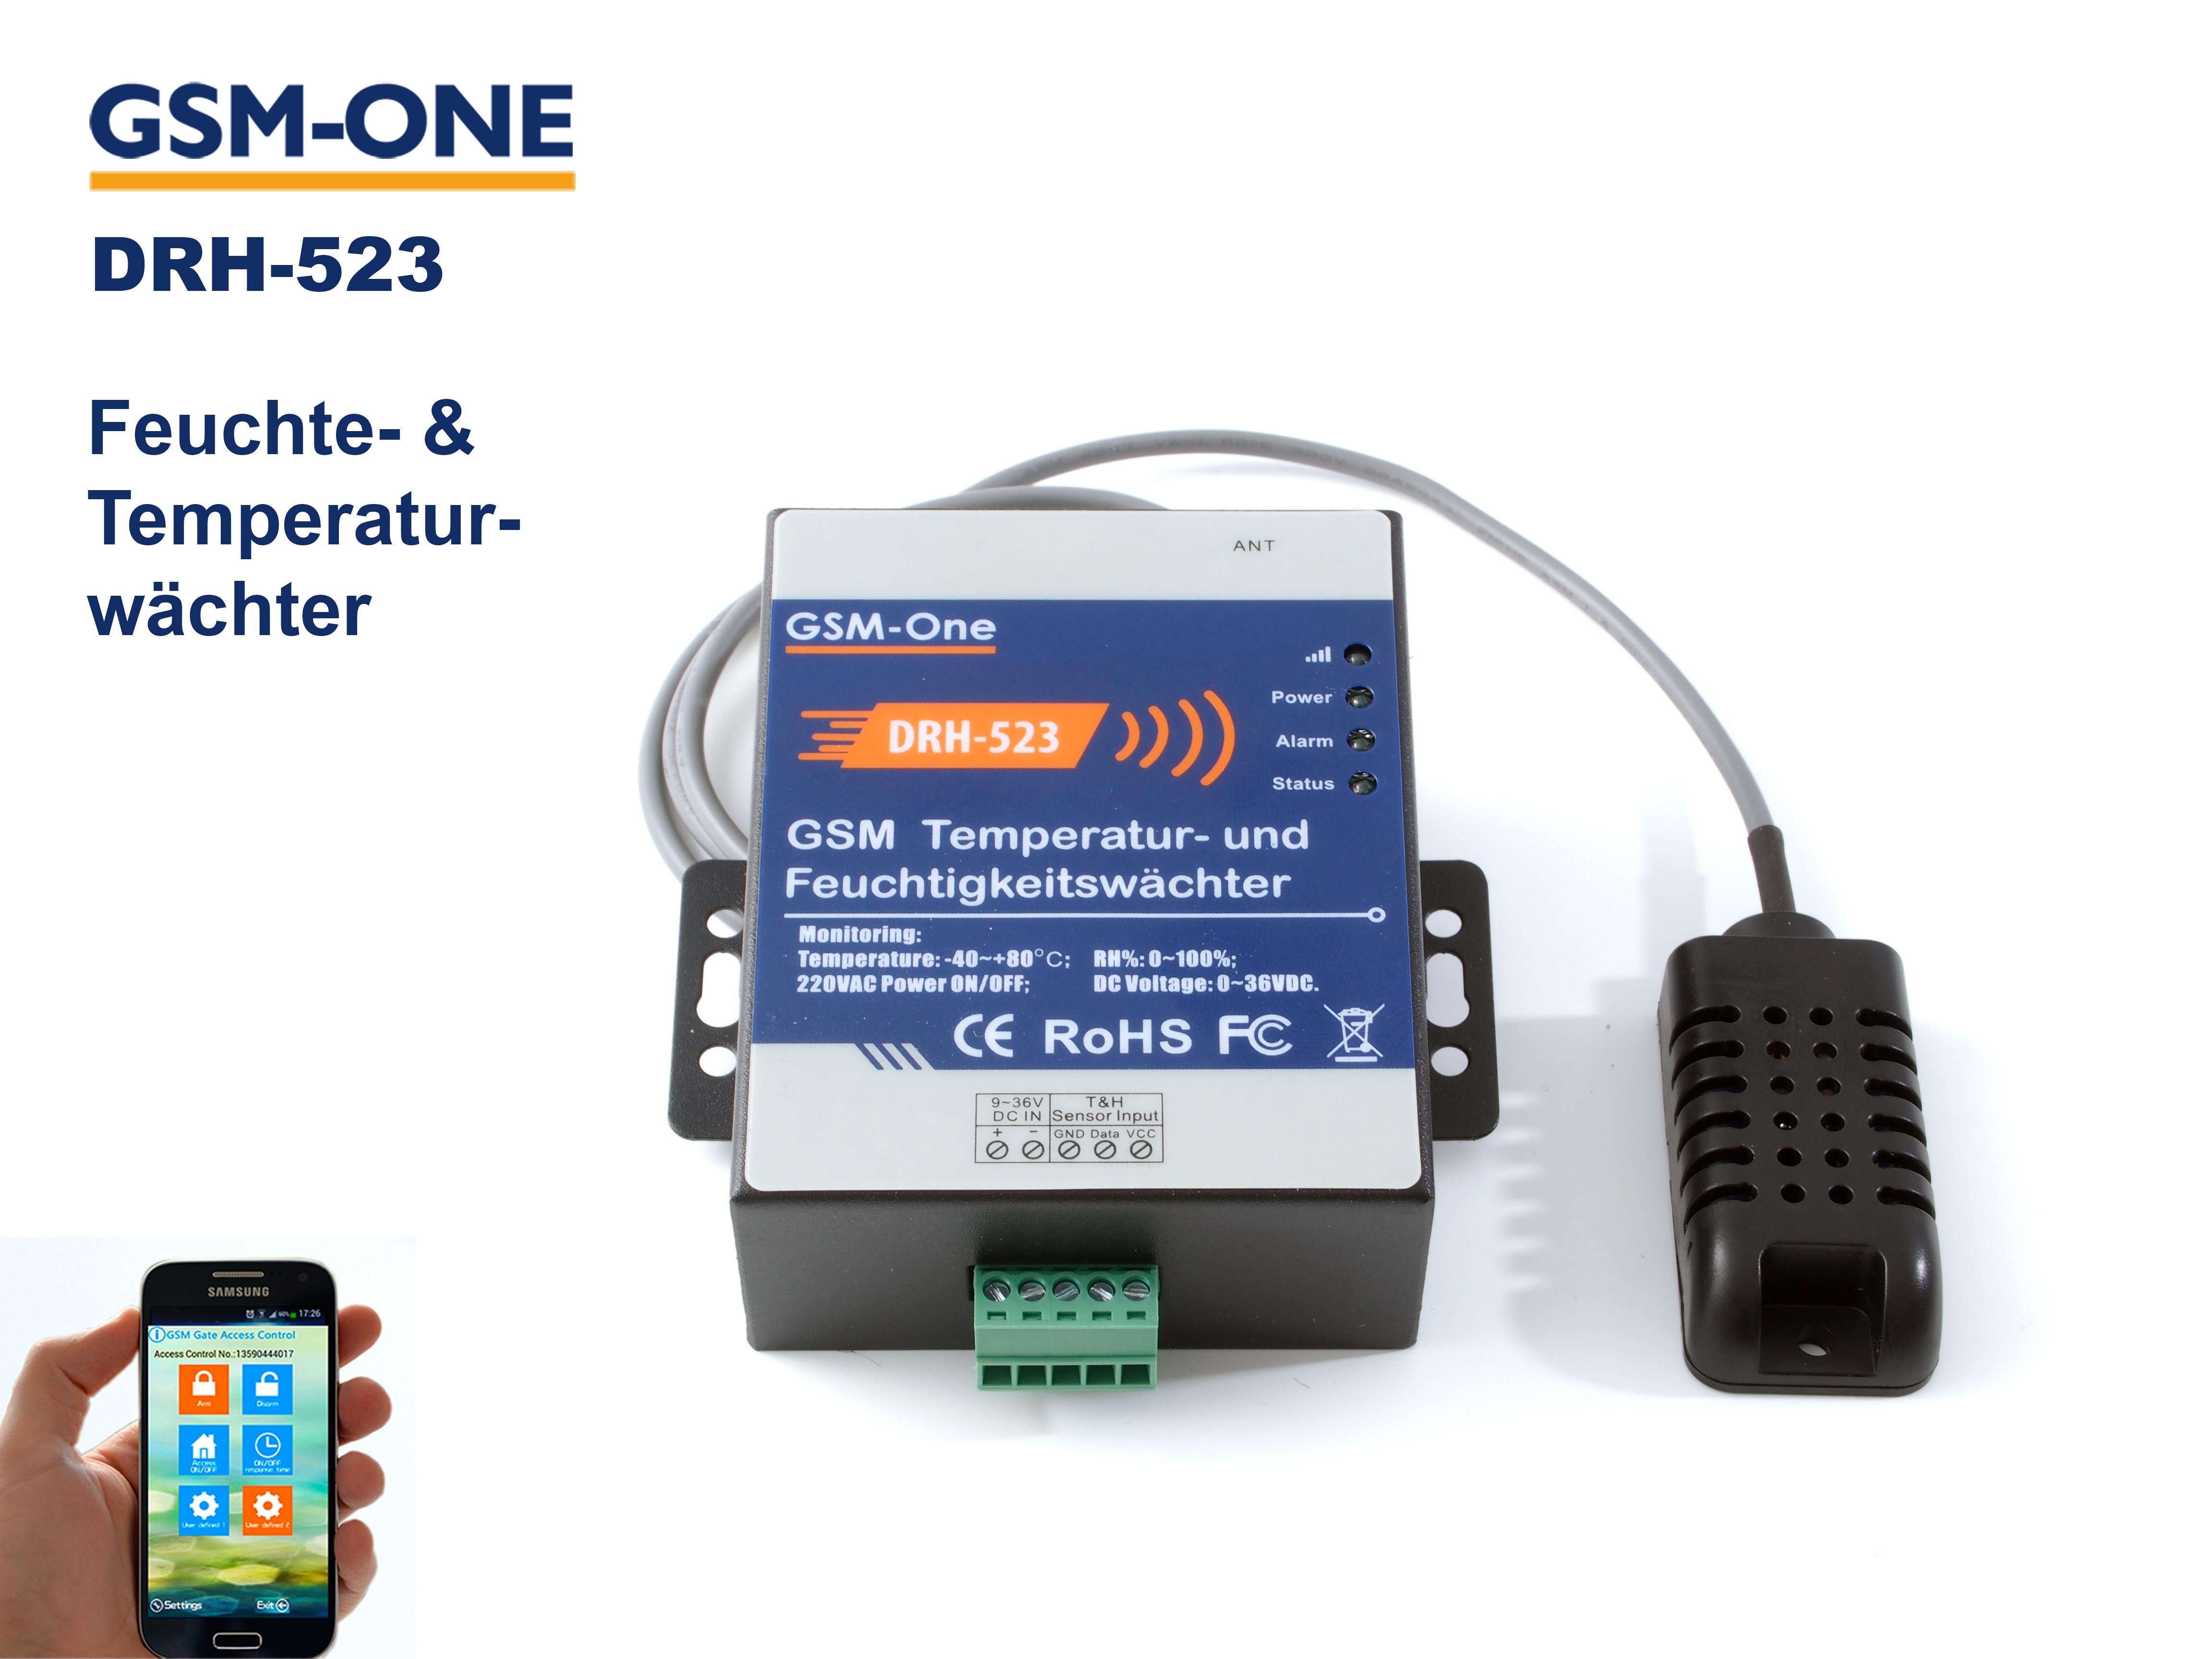 Temperatur- und Feuchtewächter DRH-523 Komplettpaket